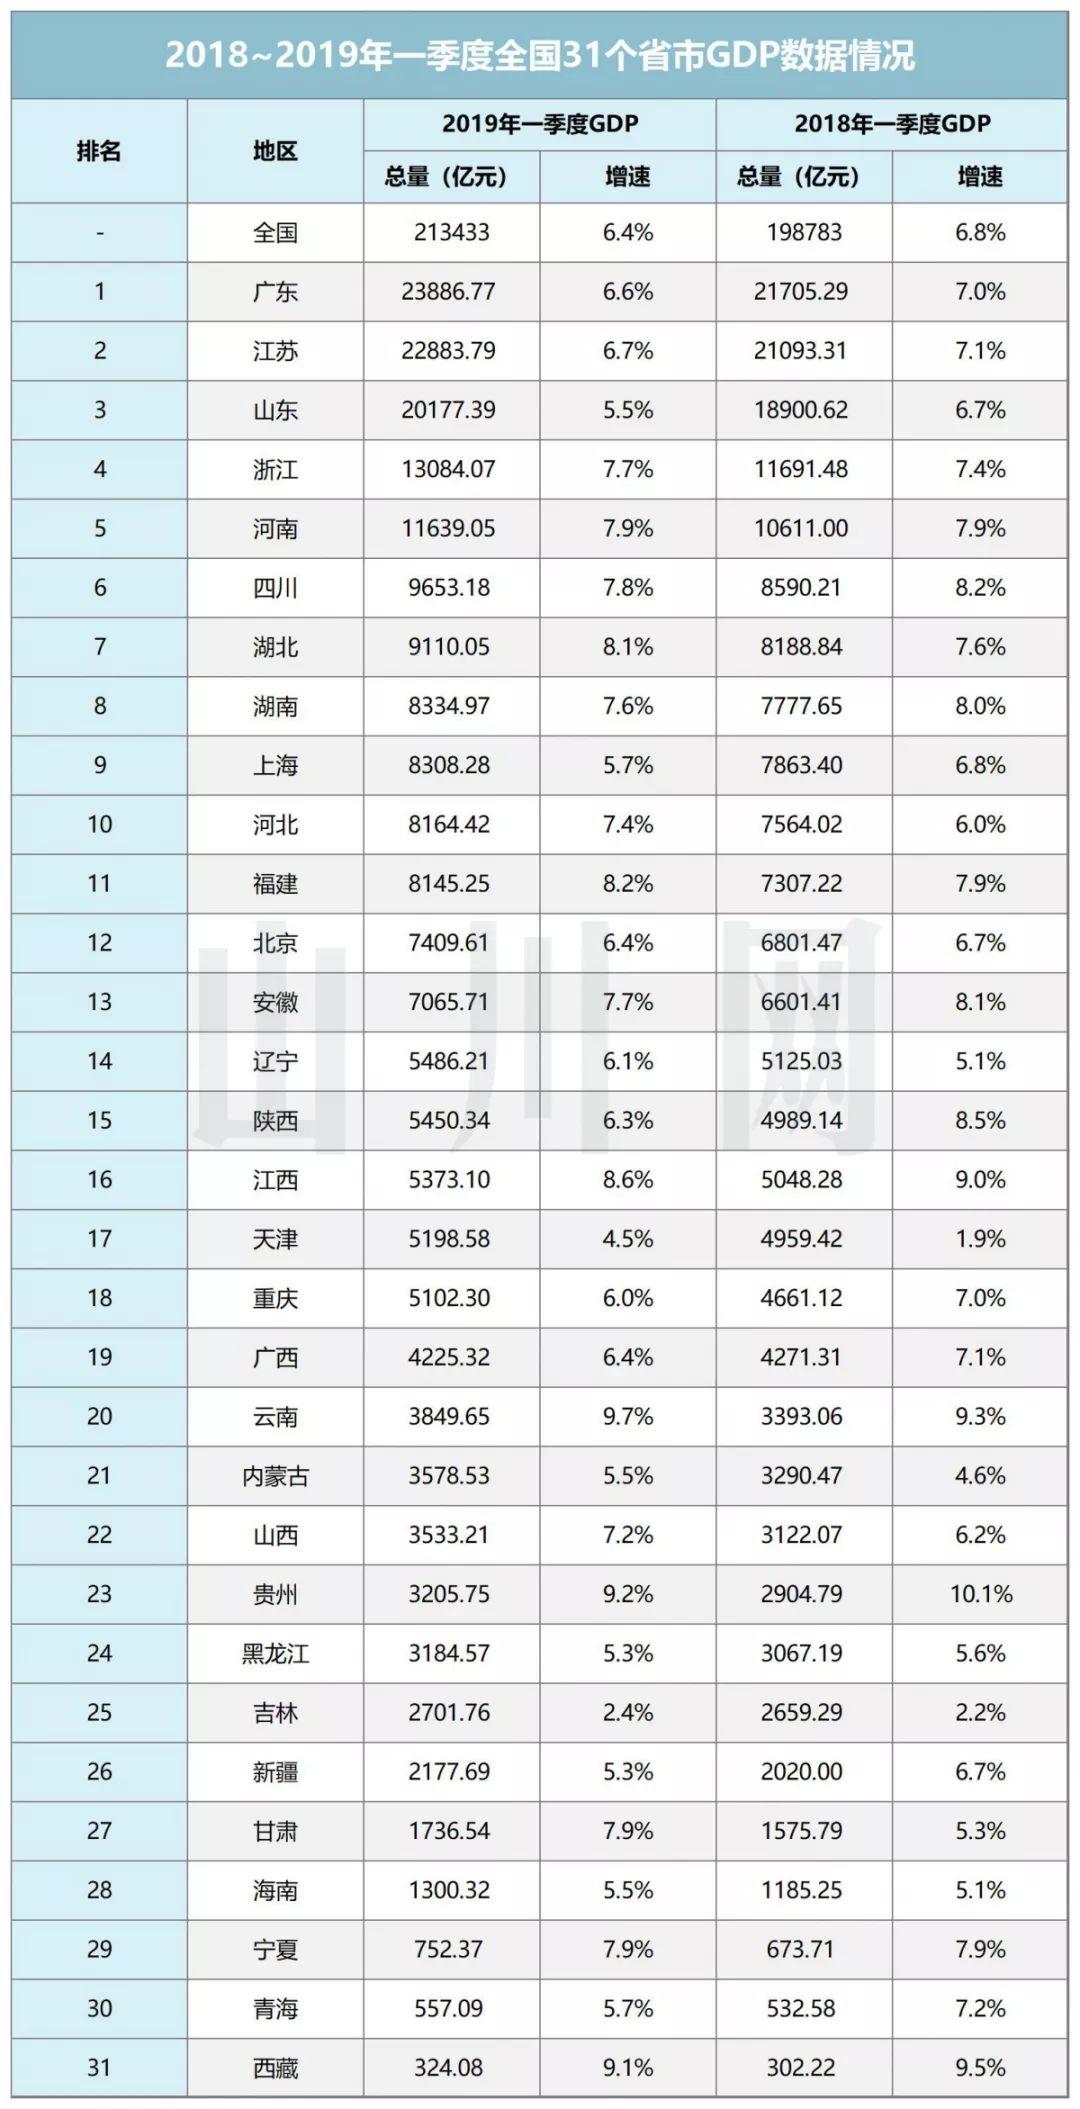 中国2019年gdp总量是多少_2019年全国各省GDP经济总量排名 GDP过万亿省份名单